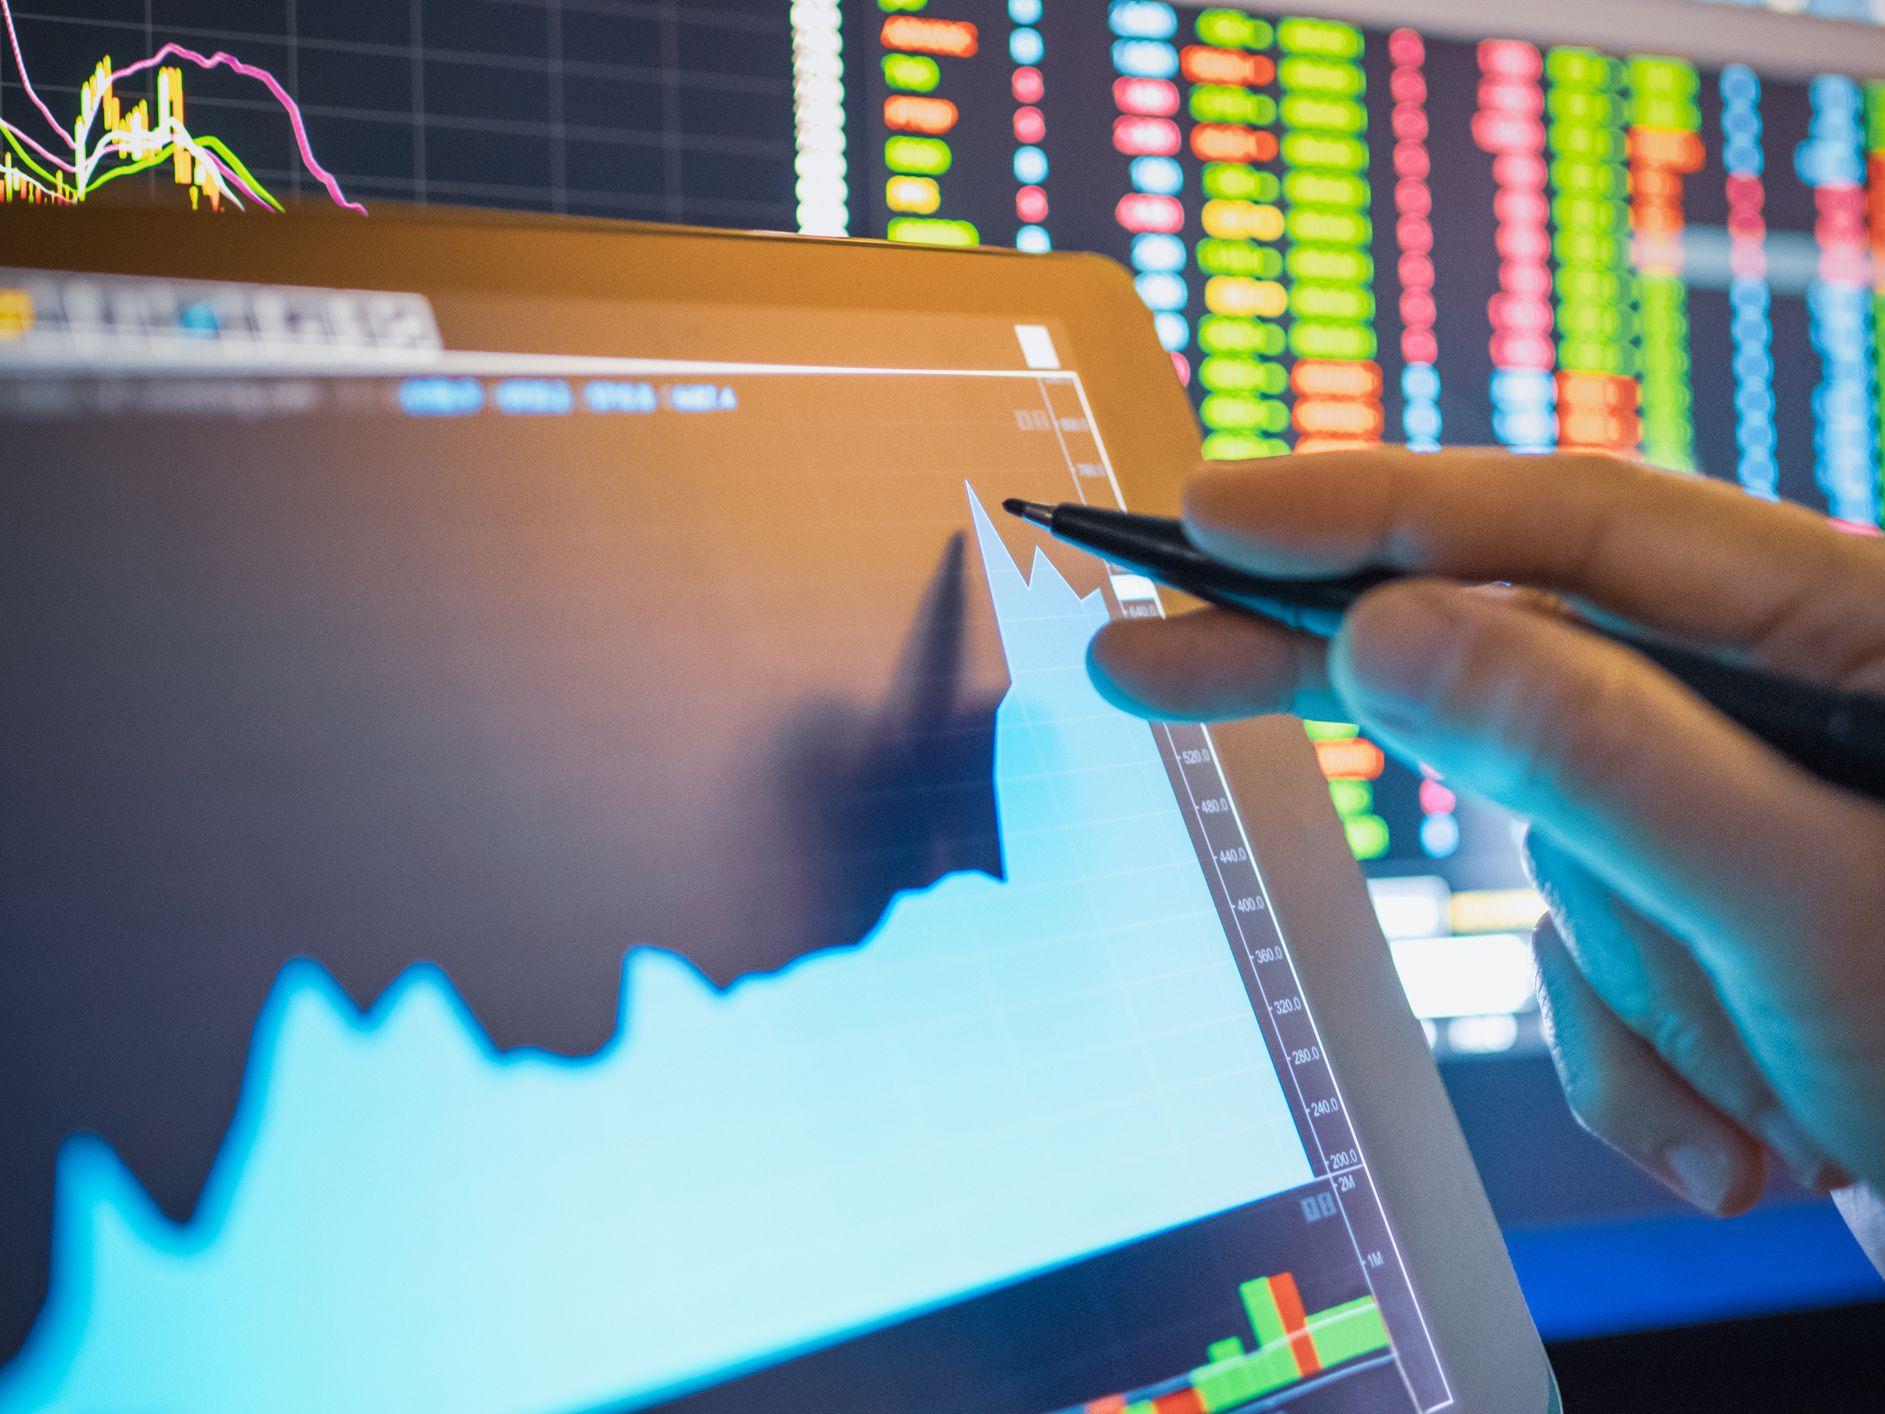 tranzacționare max cfd ar trebui să investesc în bitcoin sau aur